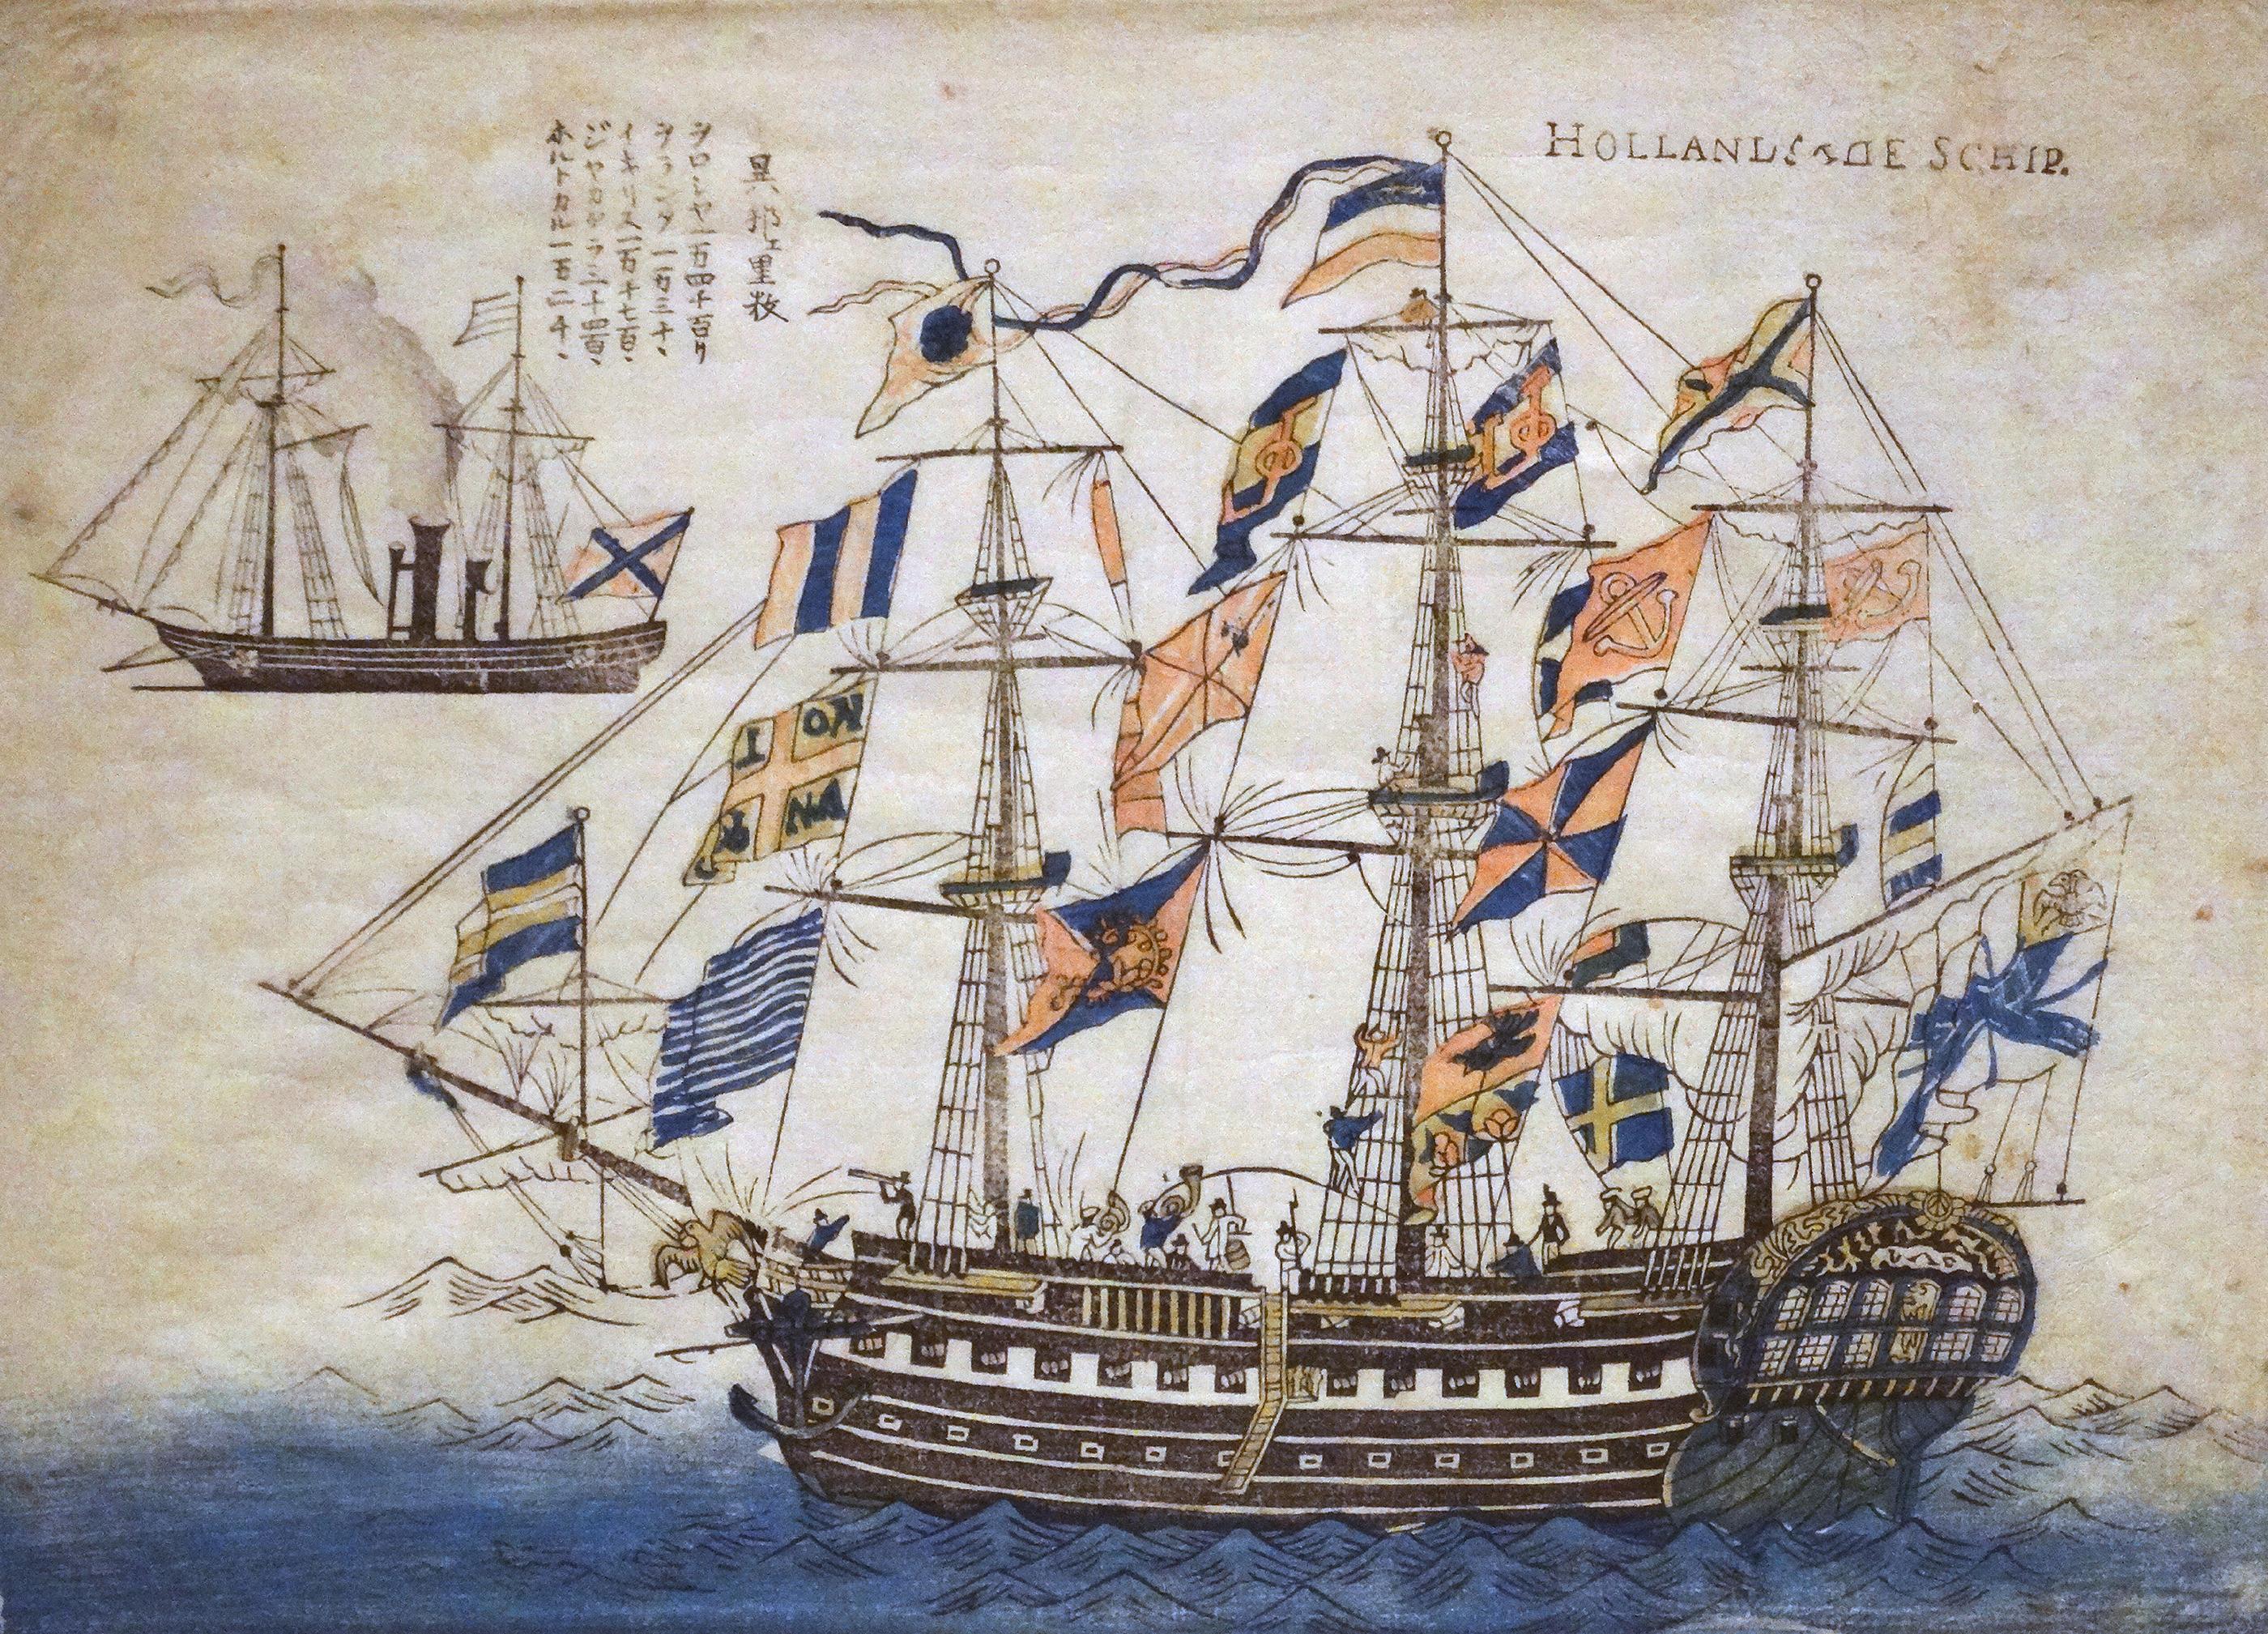 A Dutch Ship.